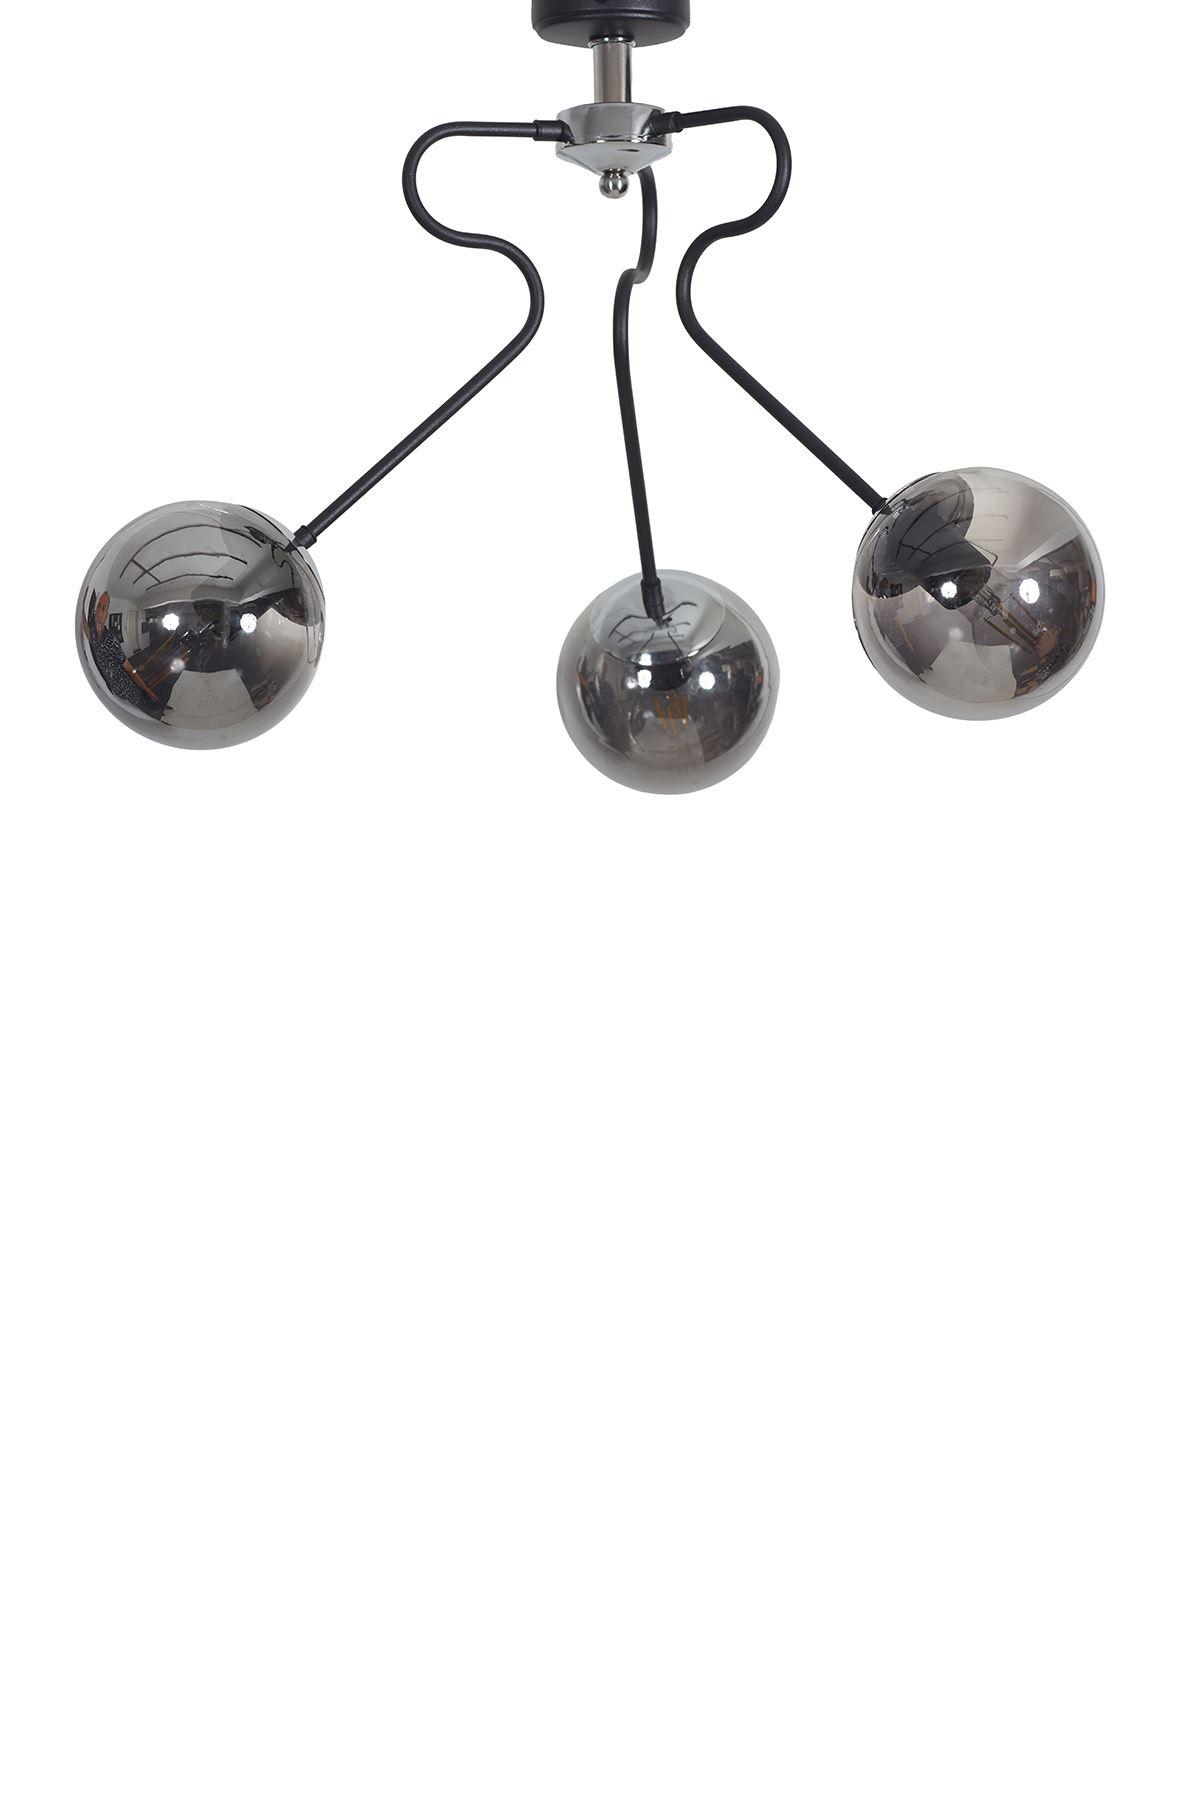 Dominik 3 Lü Siyah Kollu-Krom Metal Gövde Füme Rengi Camlı Tasarım Lüx  Avize